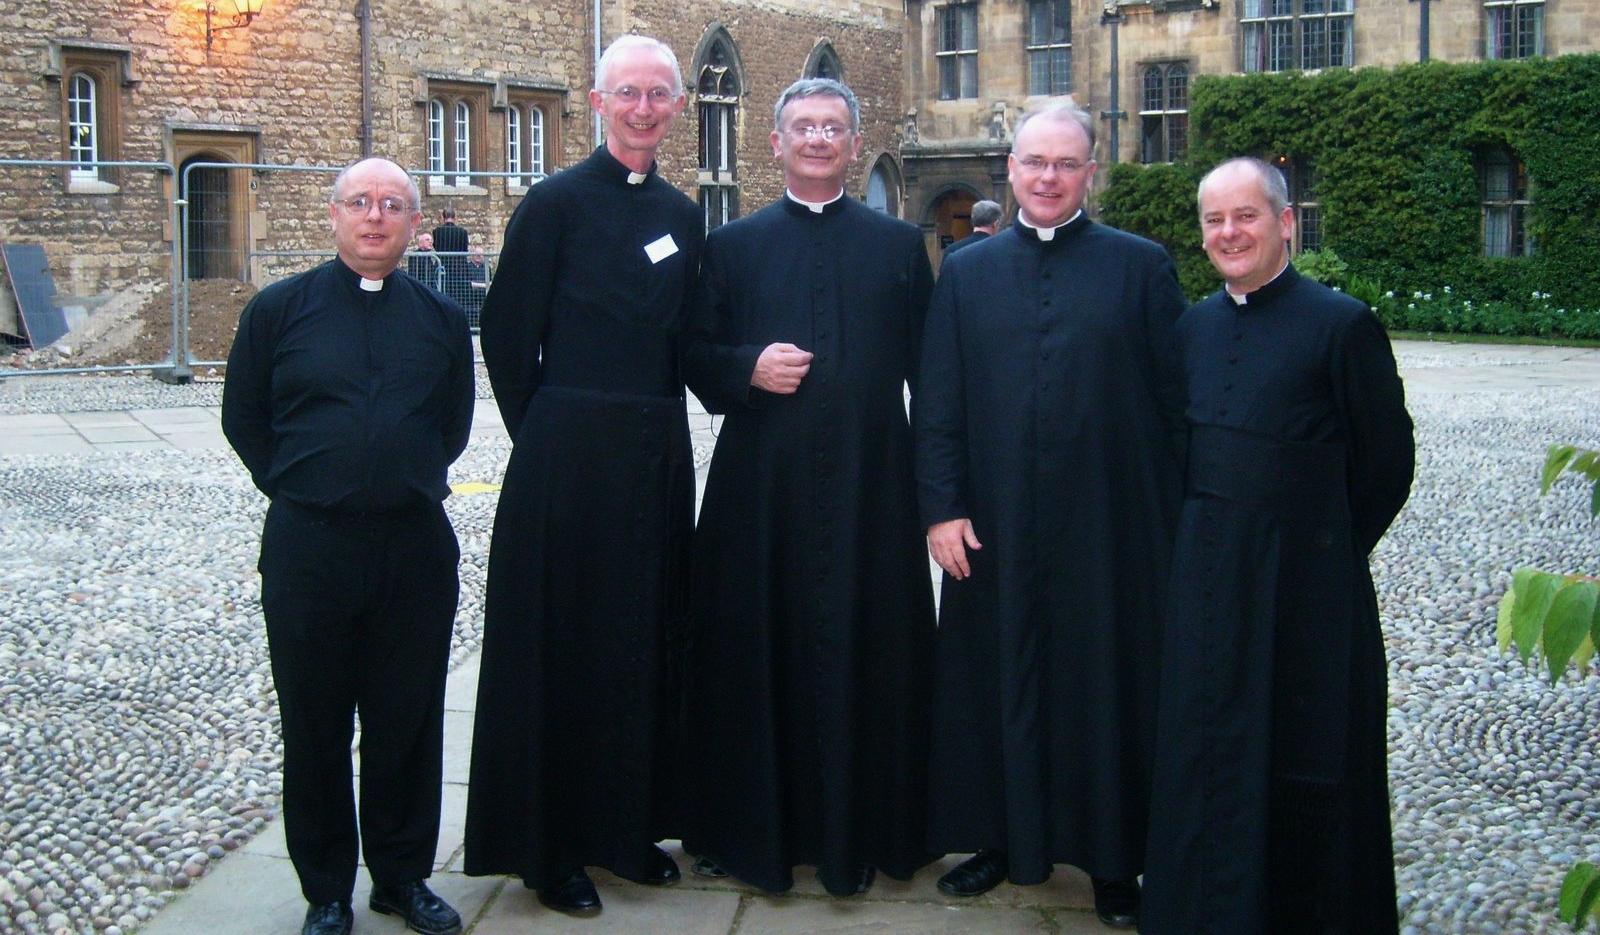 ¿Cómo Deberían Vestir los Sacerdotes? ¿SOTANA, Alzacuellos o de Civil?